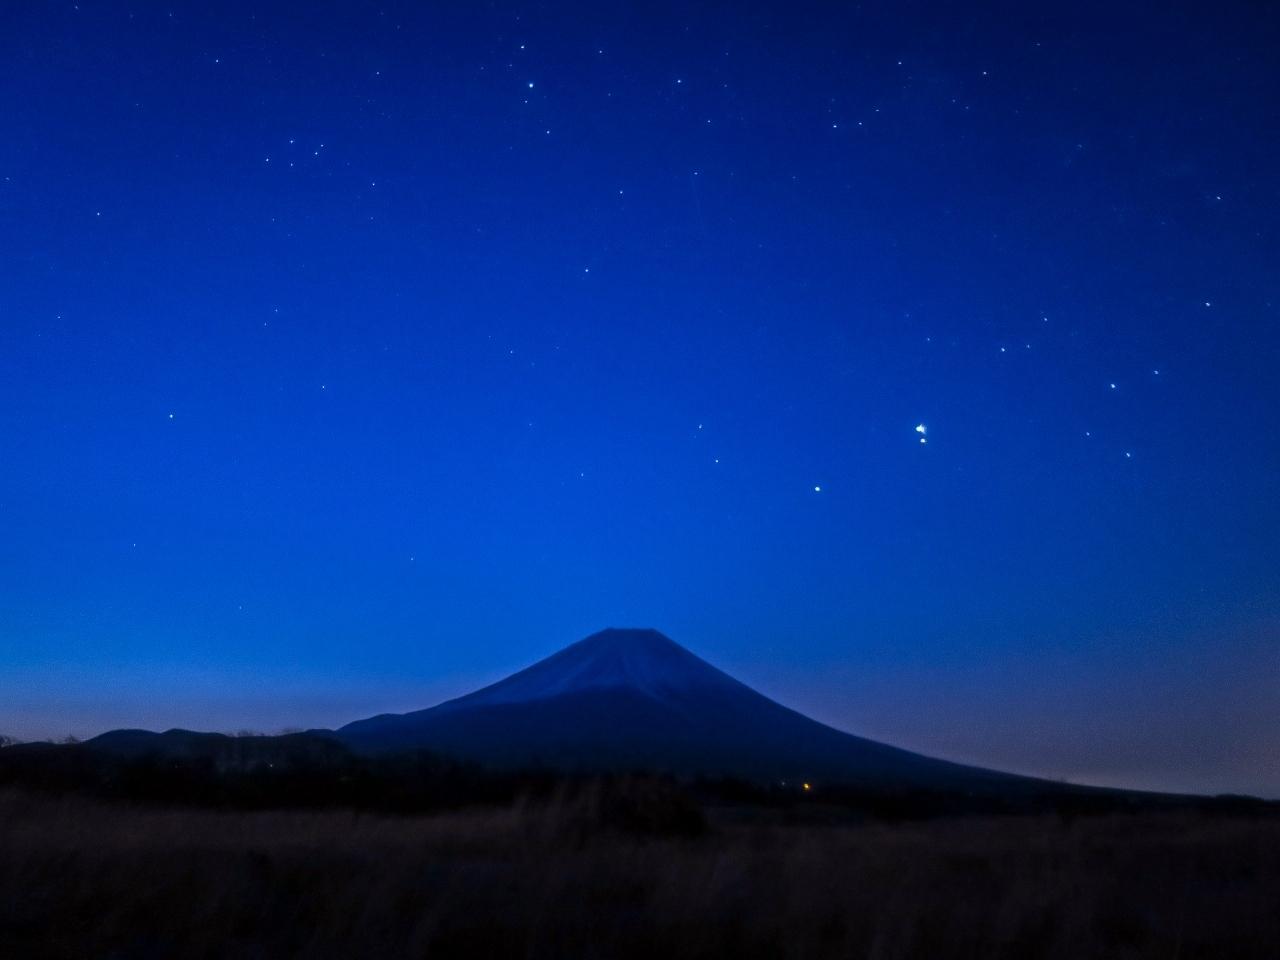 2020.3.21早朝の富士山(朝霧高原)_e0321032_14102571.jpg